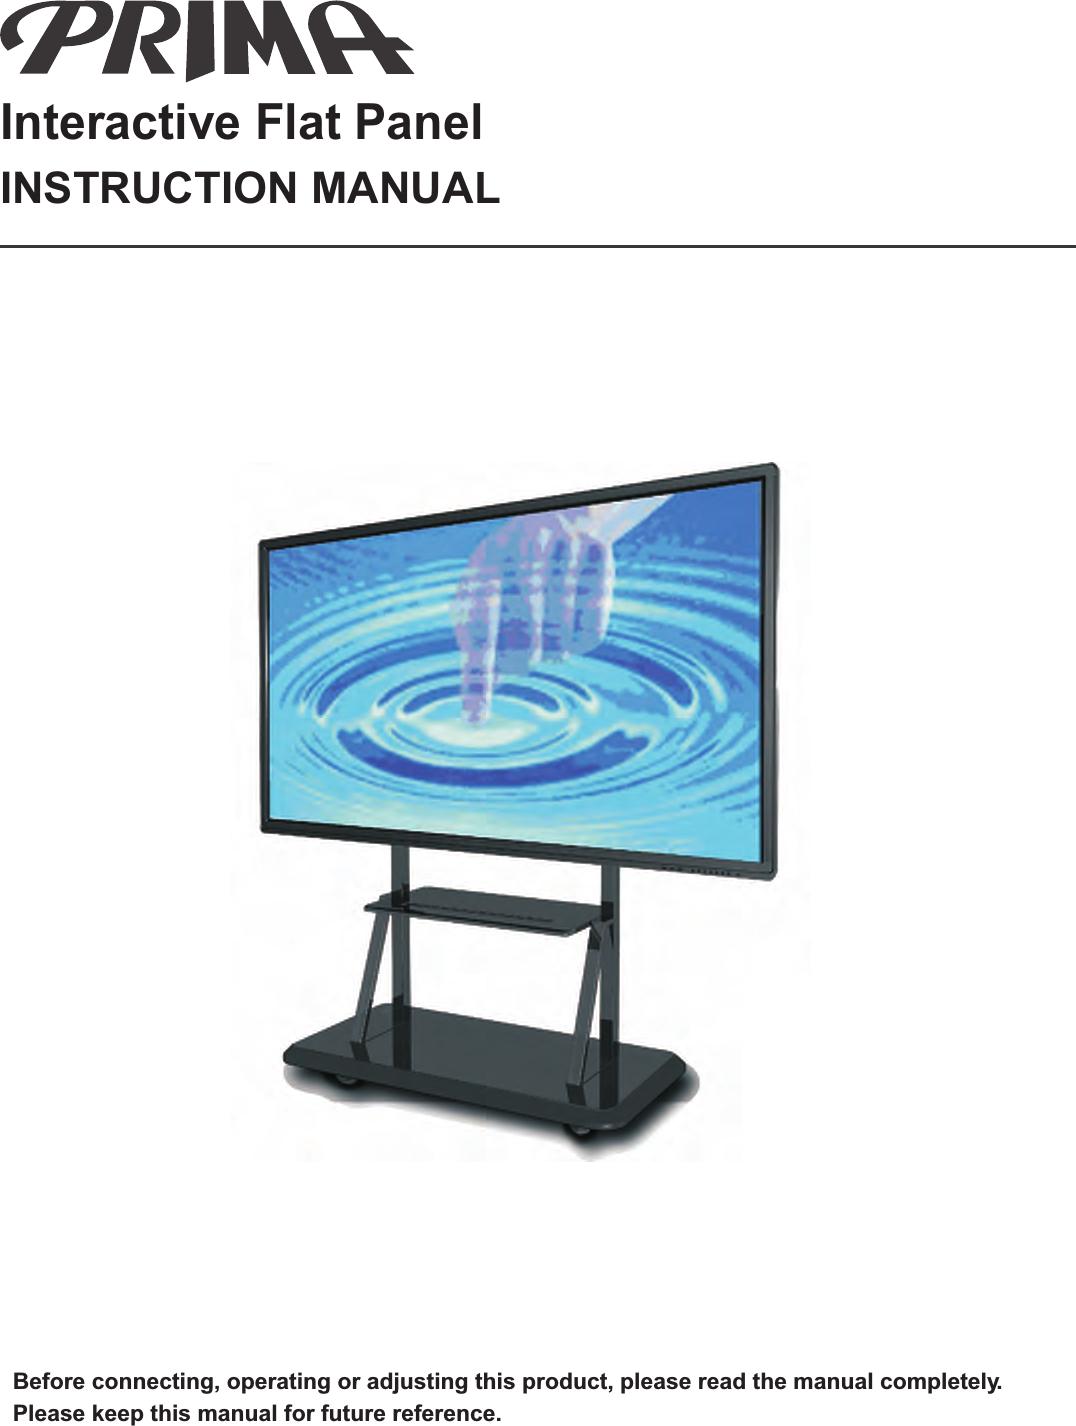 prima lcd tv manual various owner manual guide u2022 rh justk co prima plasma tv manual prima cineplus tv manual